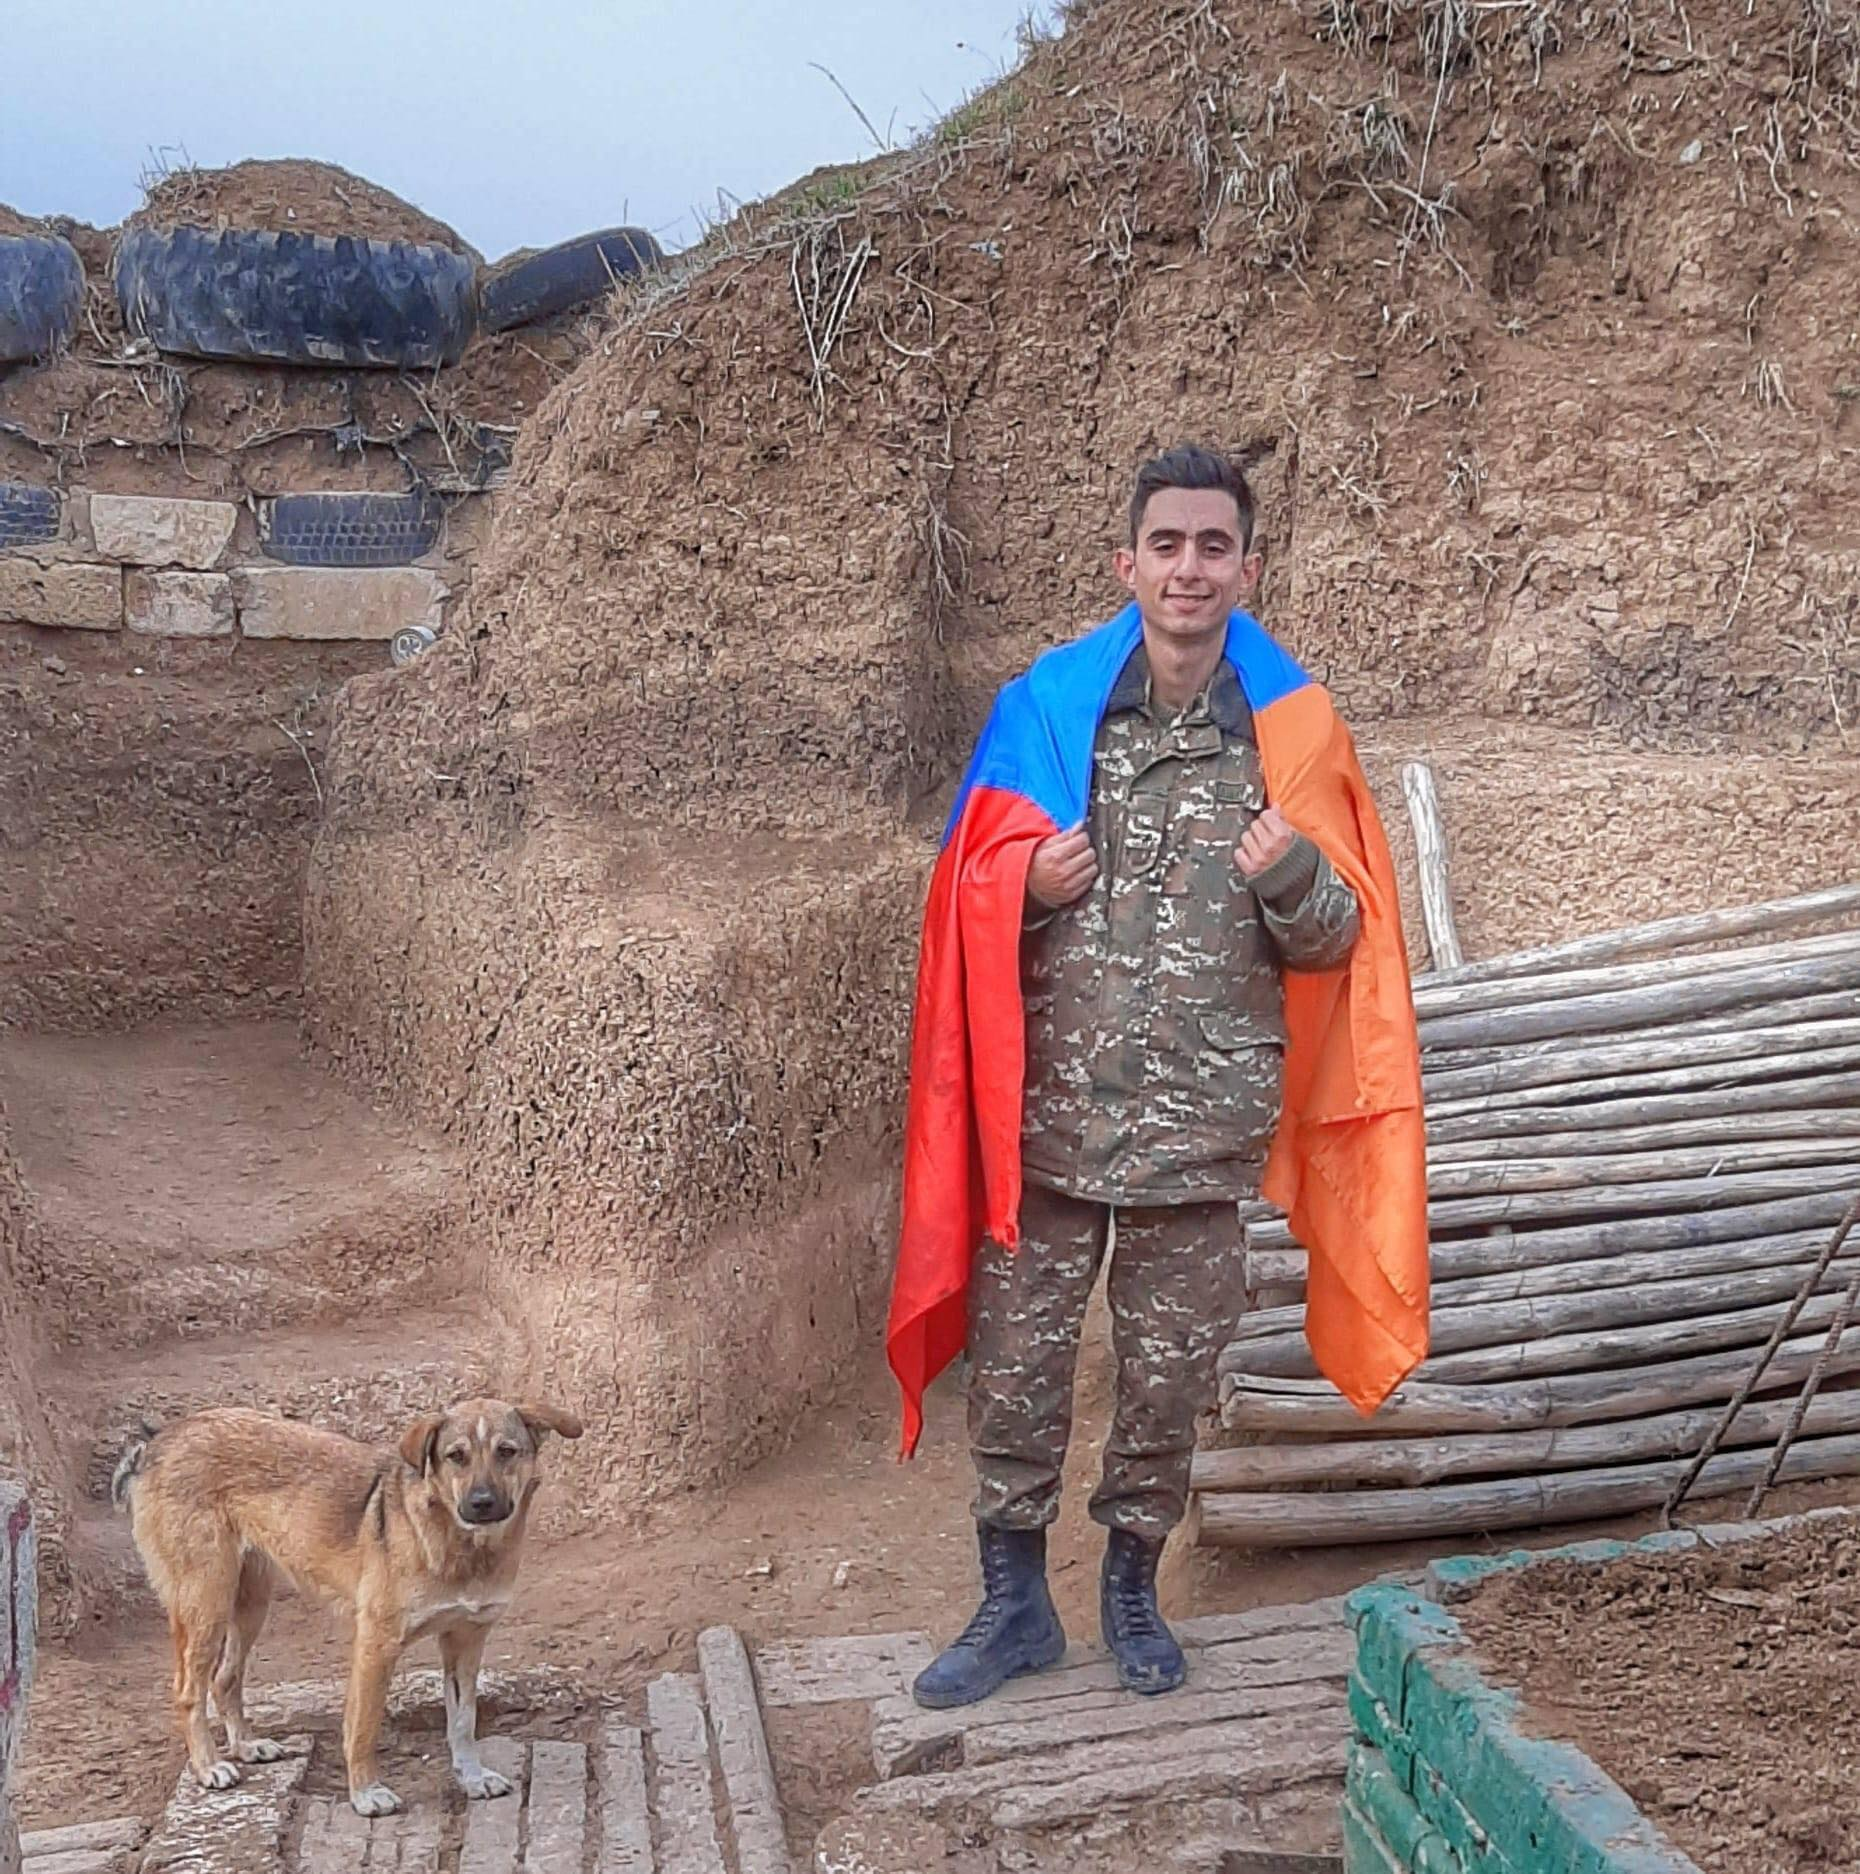 Photo of «Ուզում եմ ծառայել հայրենիքիս. կգամ ձեզ կտեսնեմ, կարոտս կառնեմ, բայց էլի հետ կգնամ». 23-ամյա լեյտենանտը զոհվեց հանուն հայրենիքի